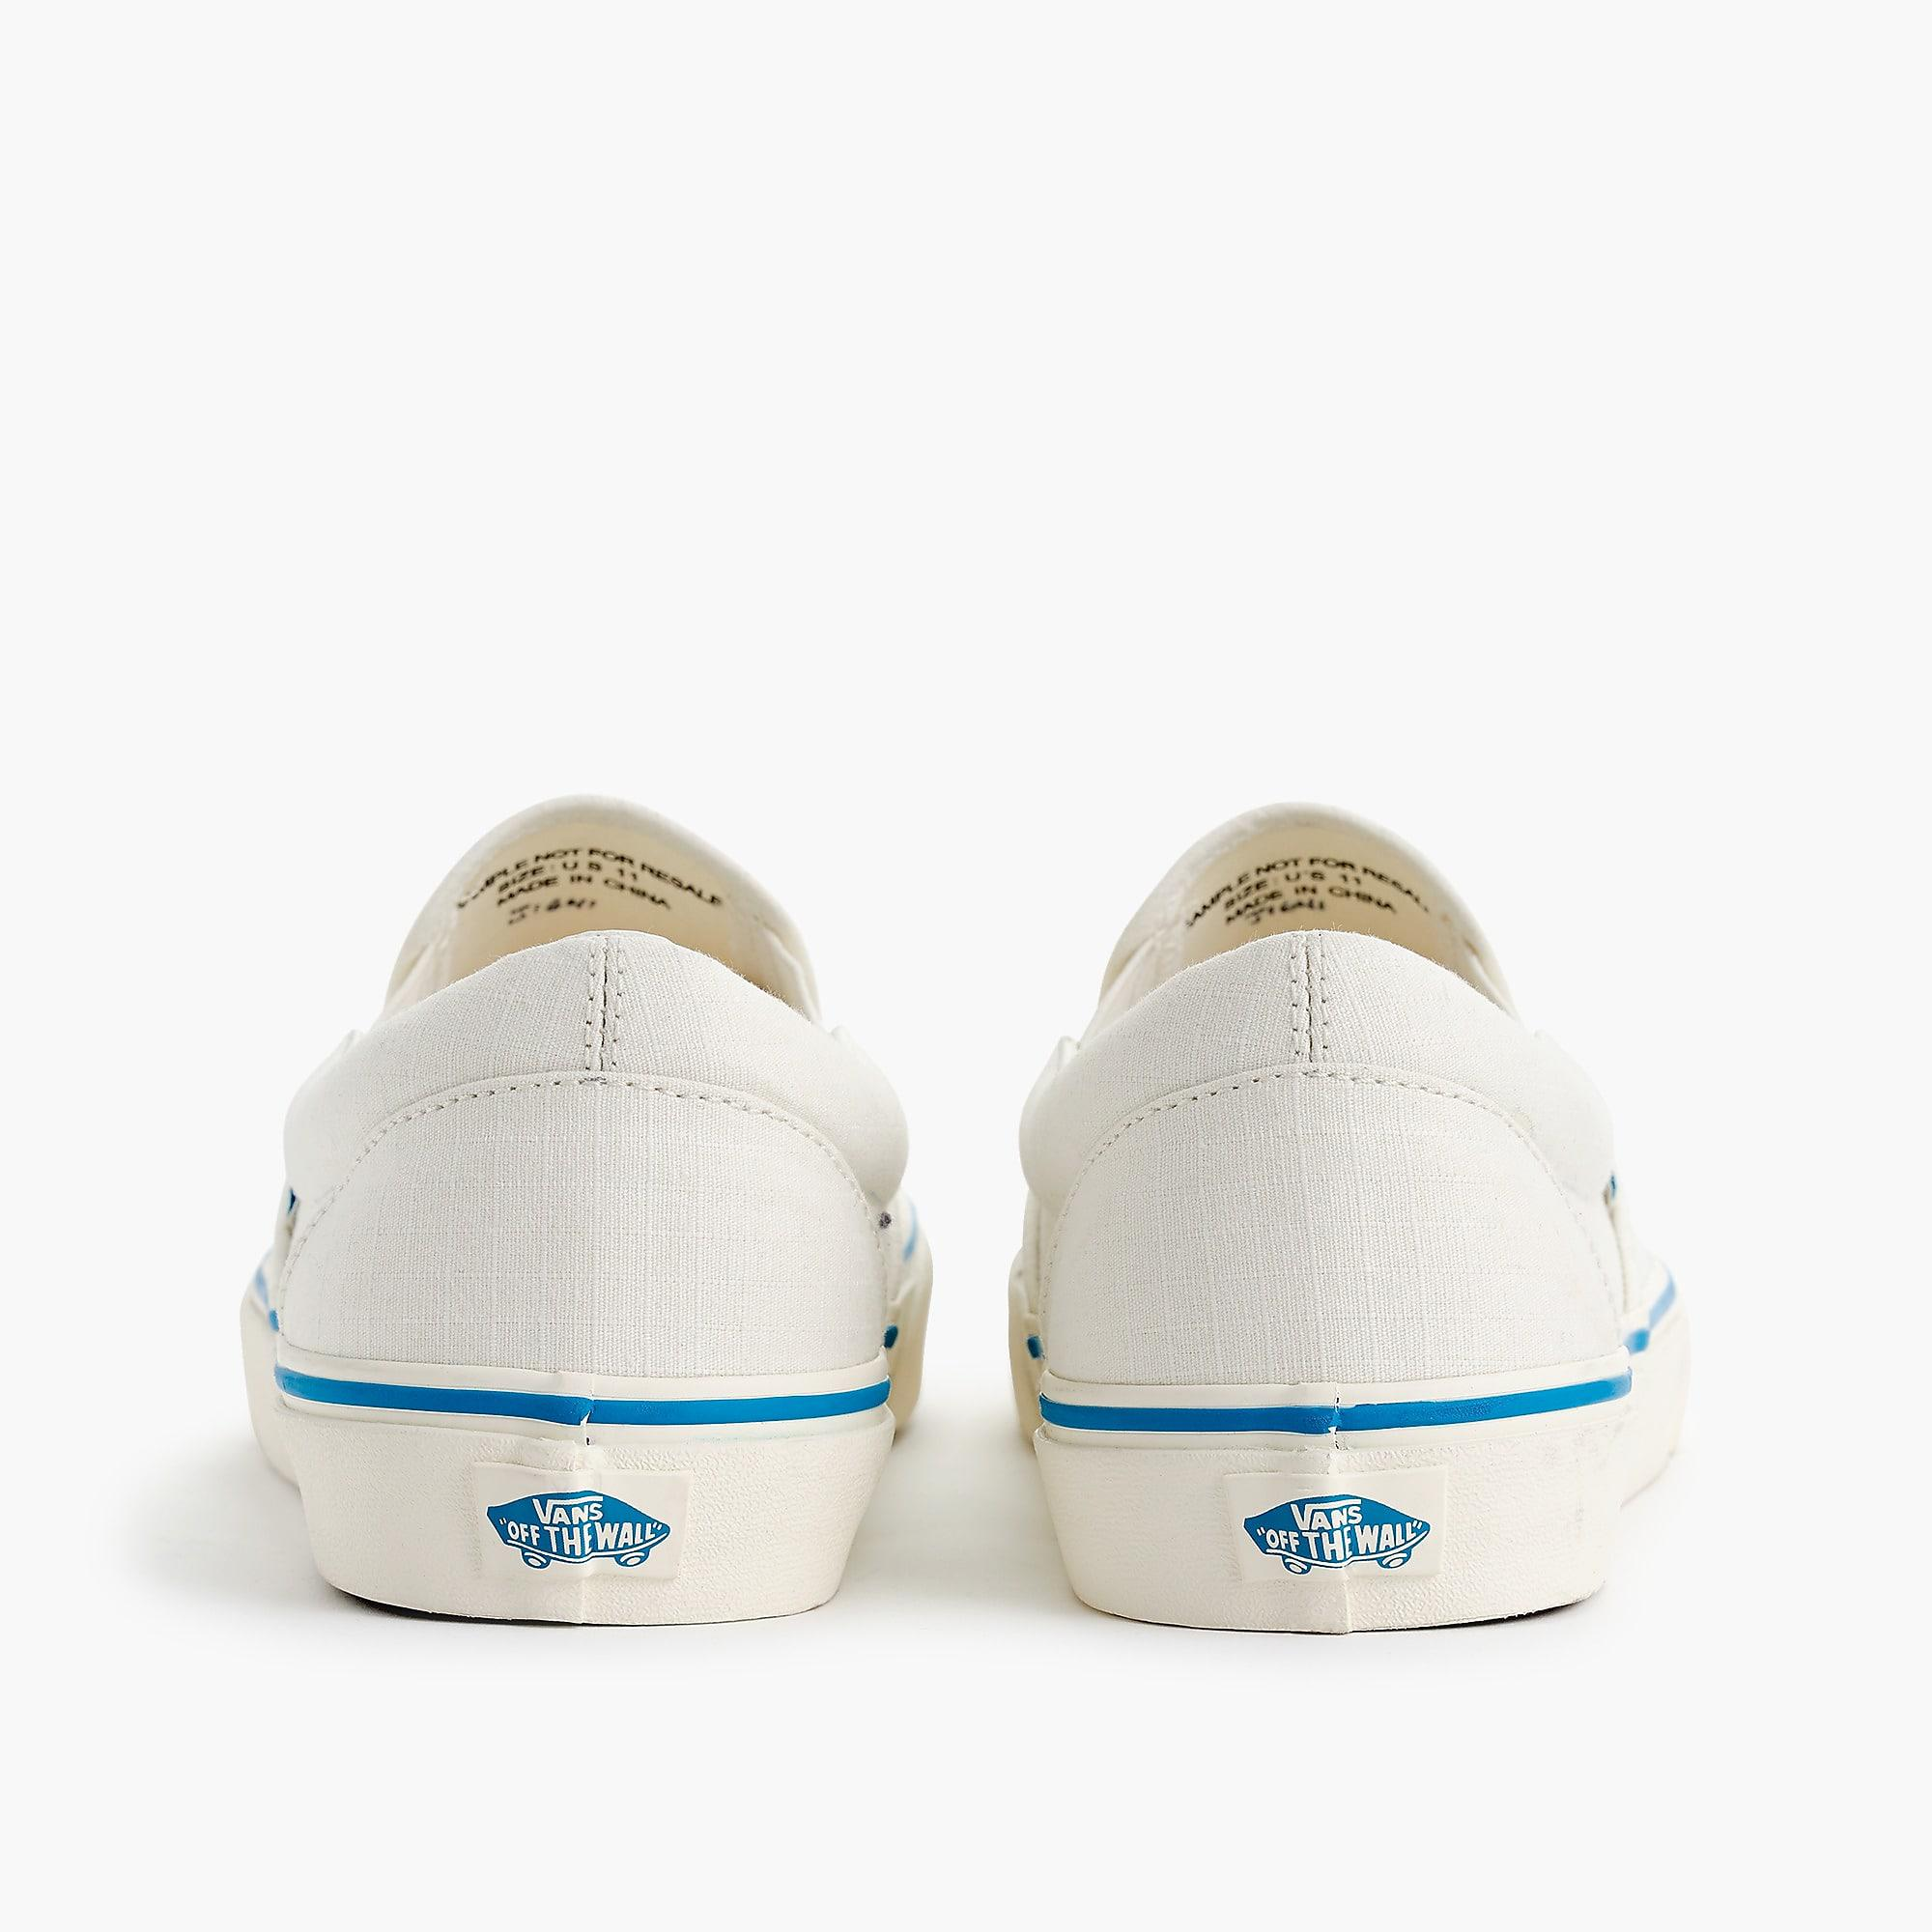 3ba15bbe50d Vans White Slip-on Sneakers In Ripstop Cotton for men